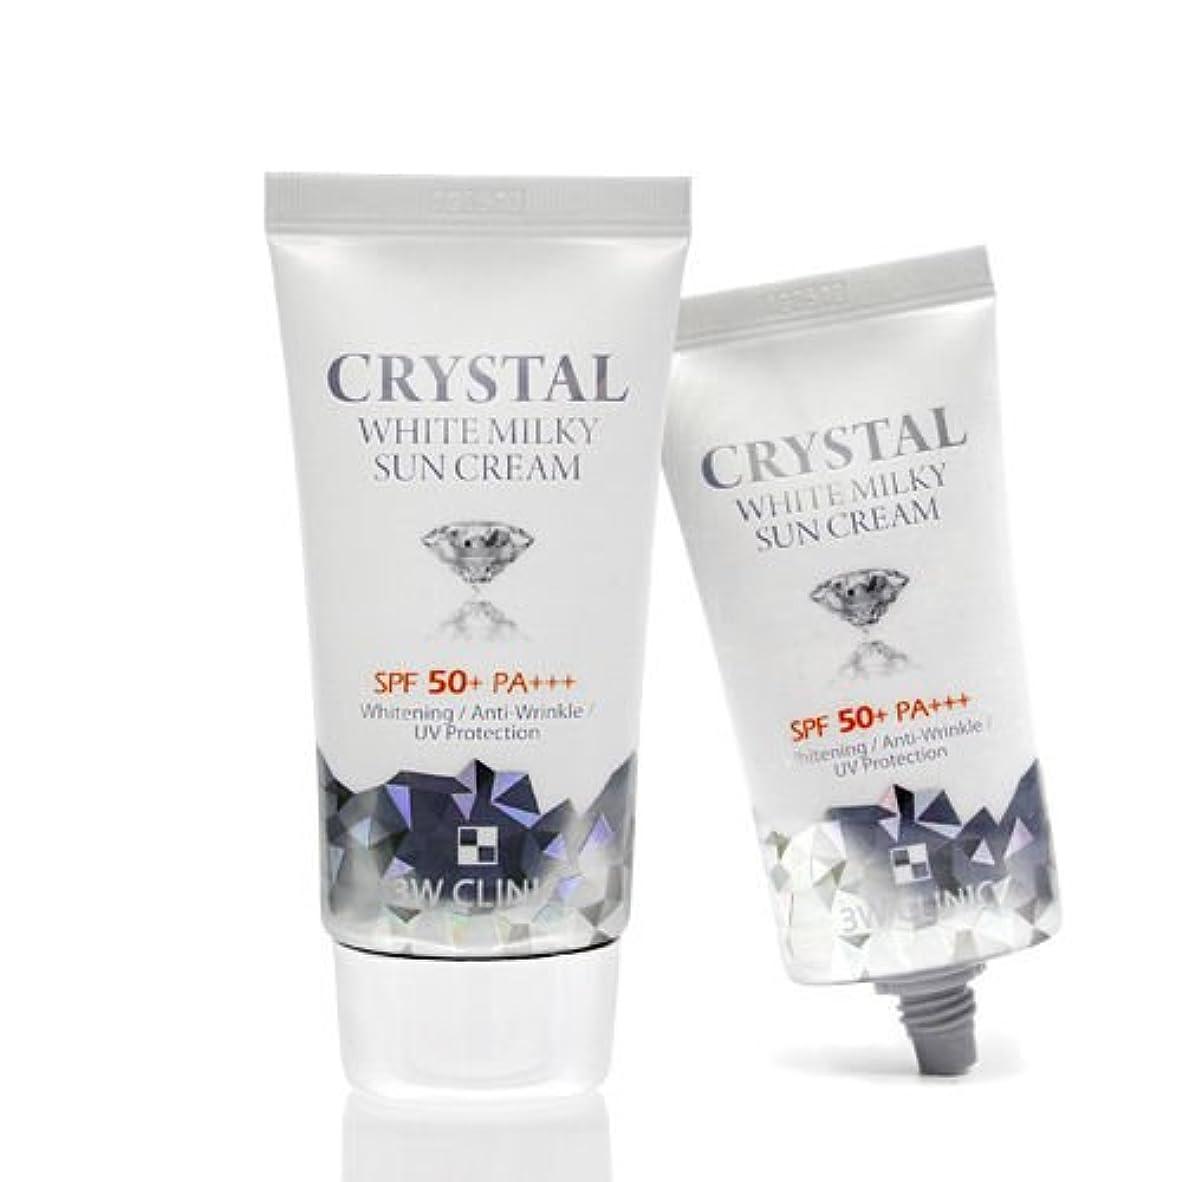 うんざり絡まる寝てる3Wクリニック[韓国コスメ3w Clinic]Crystal White Milky Sun Cream クリスタルホワイトミルキー 日焼け止めクリーム50ml[並行輸入品]